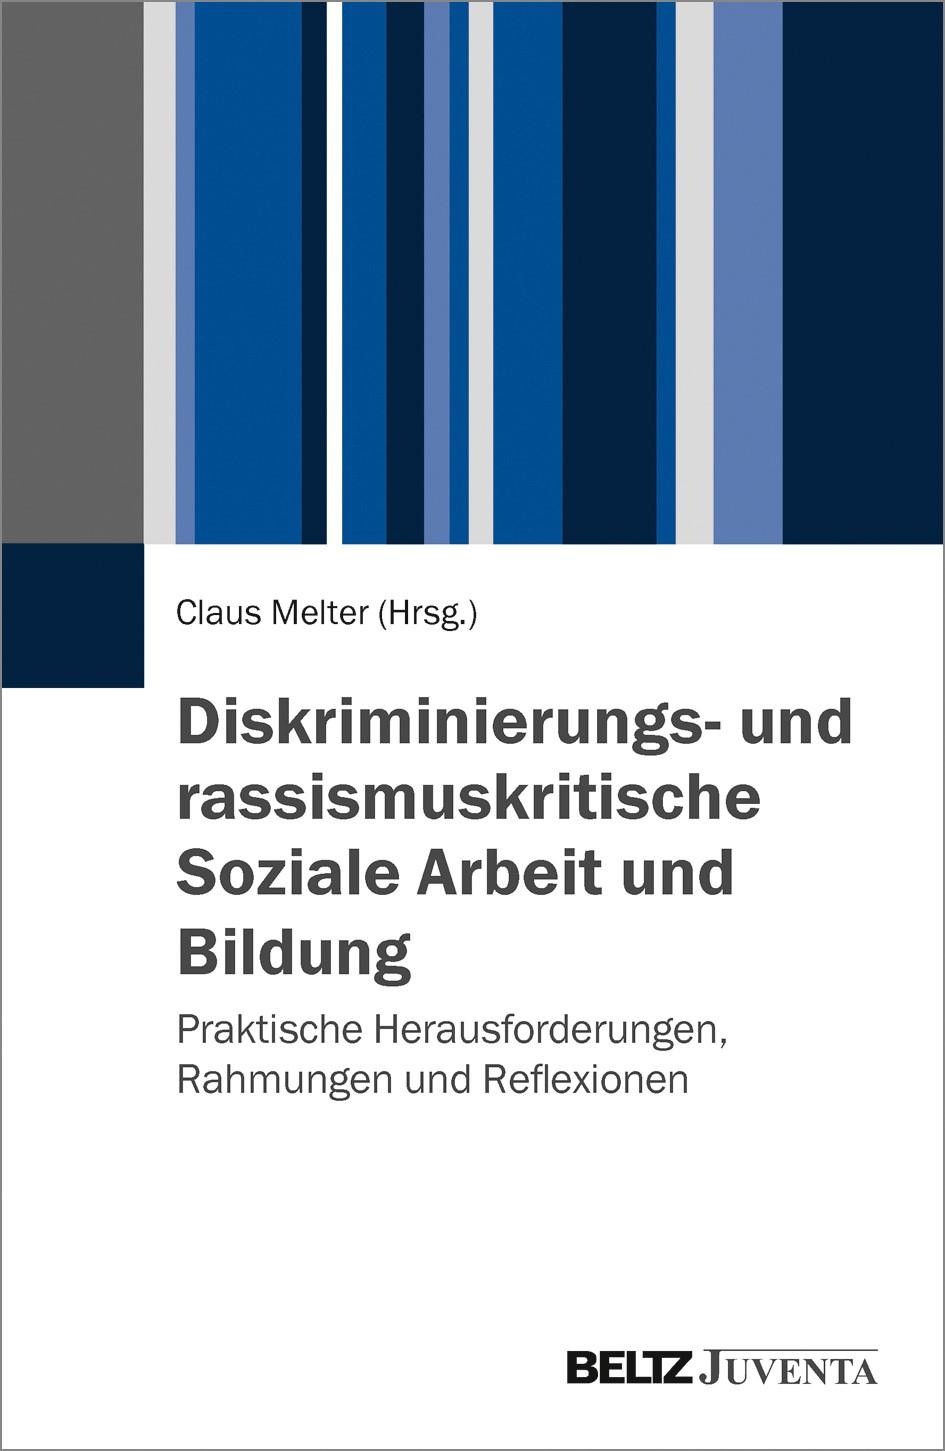 Abbildung von Melter | Diskriminierungs- und rassismuskritische Soziale Arbeit und Bildung | 2015